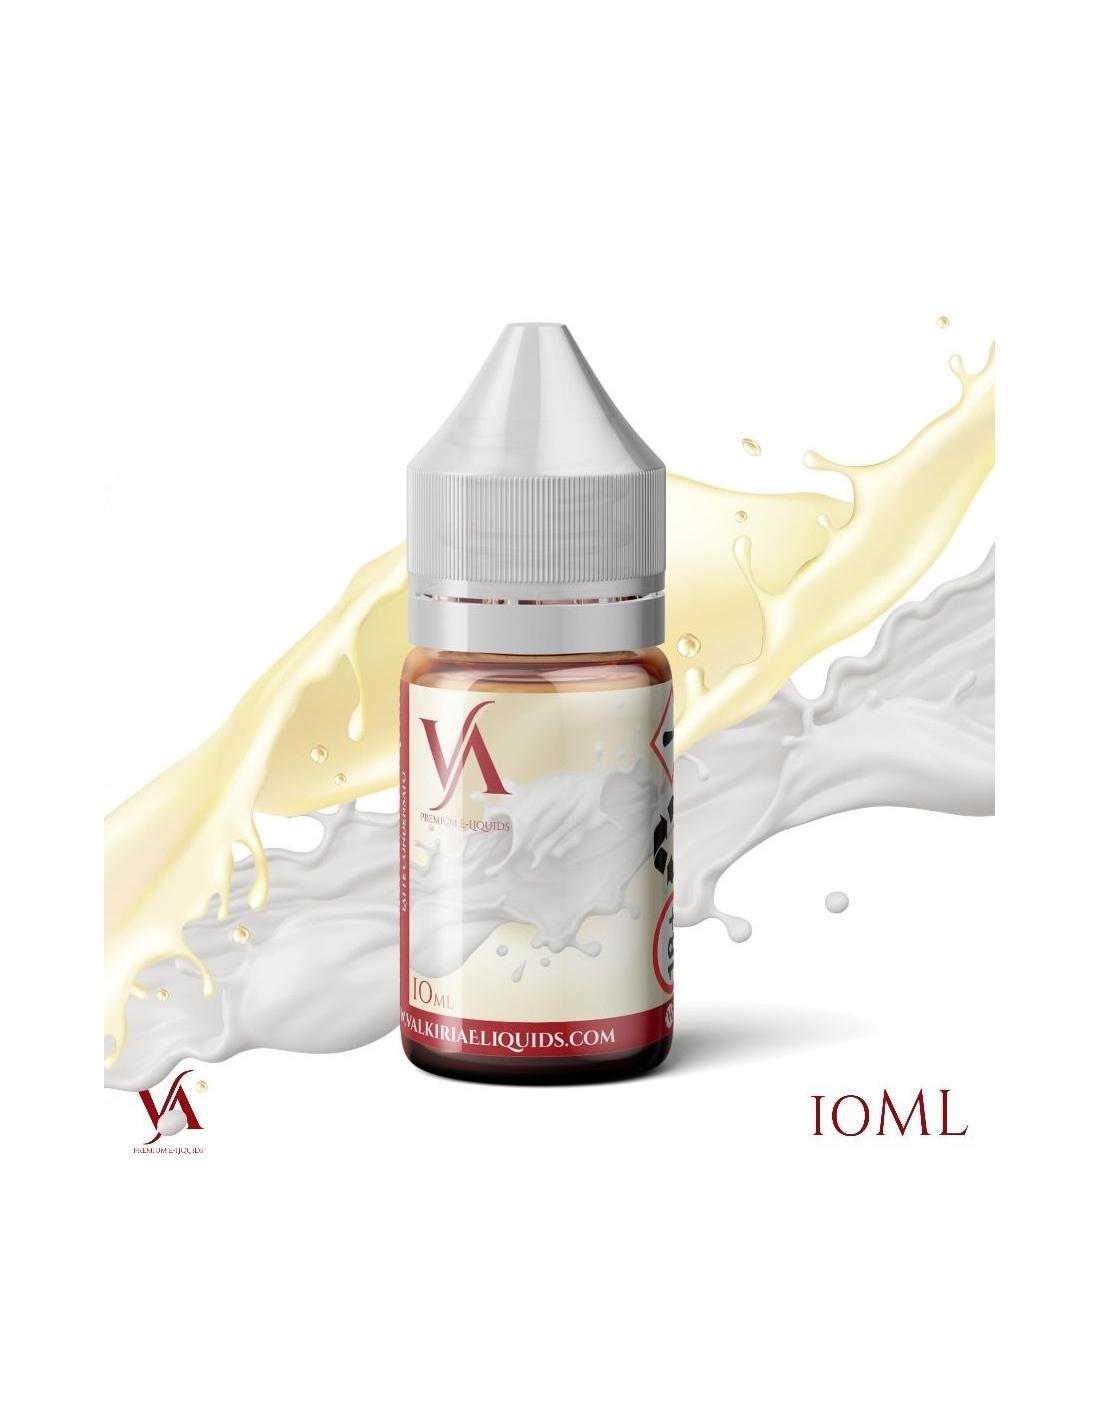 Valkiria Condensed Milk Liquido Aroma 10 Ml Latte